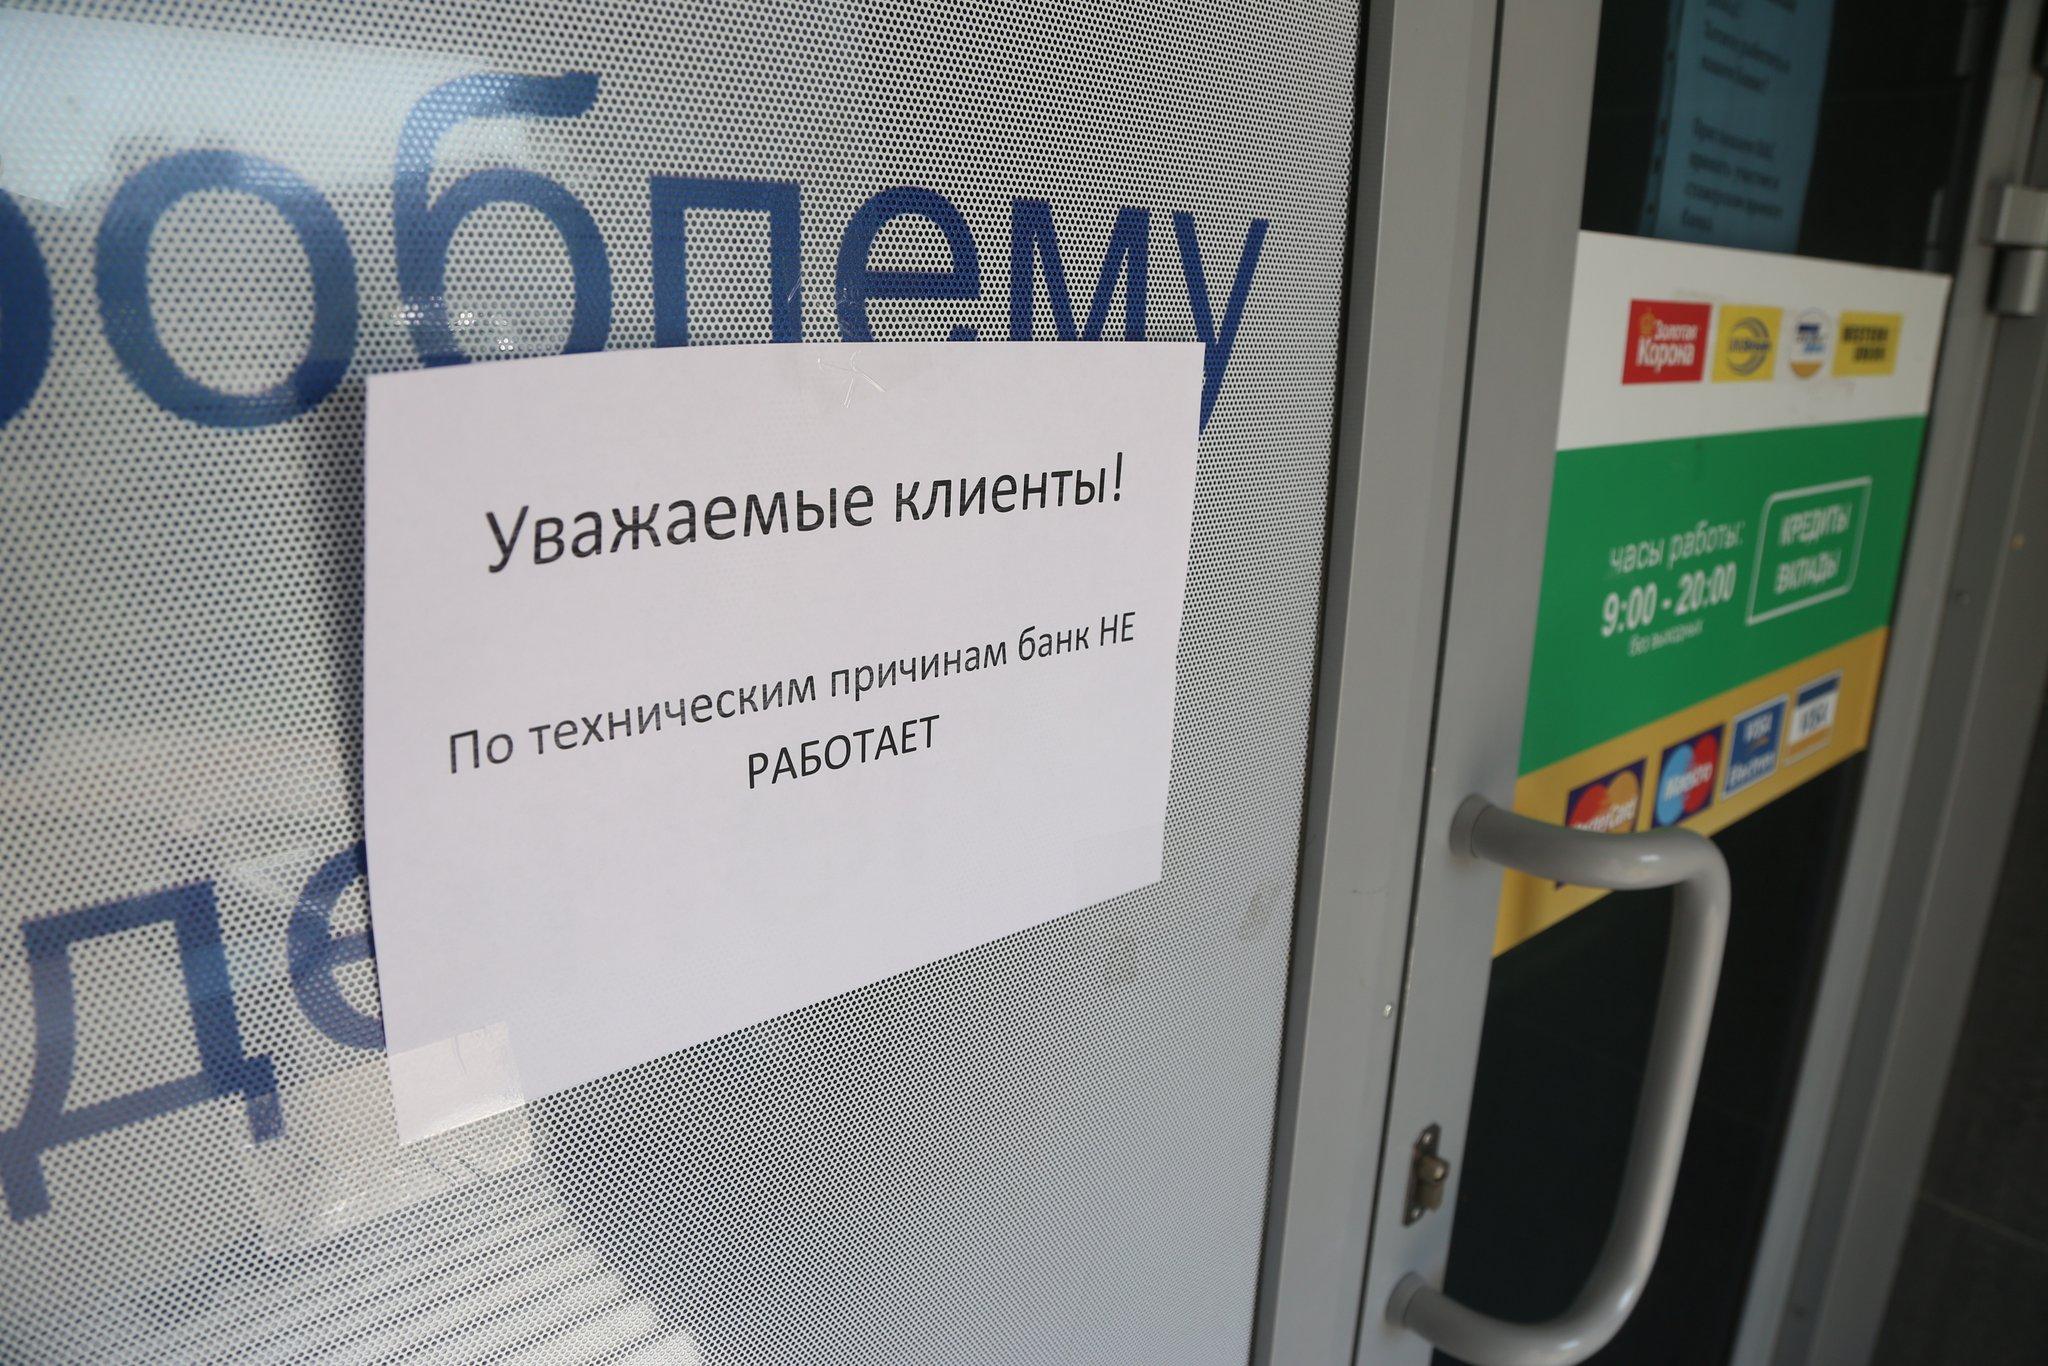 Сколько банков останется в России?